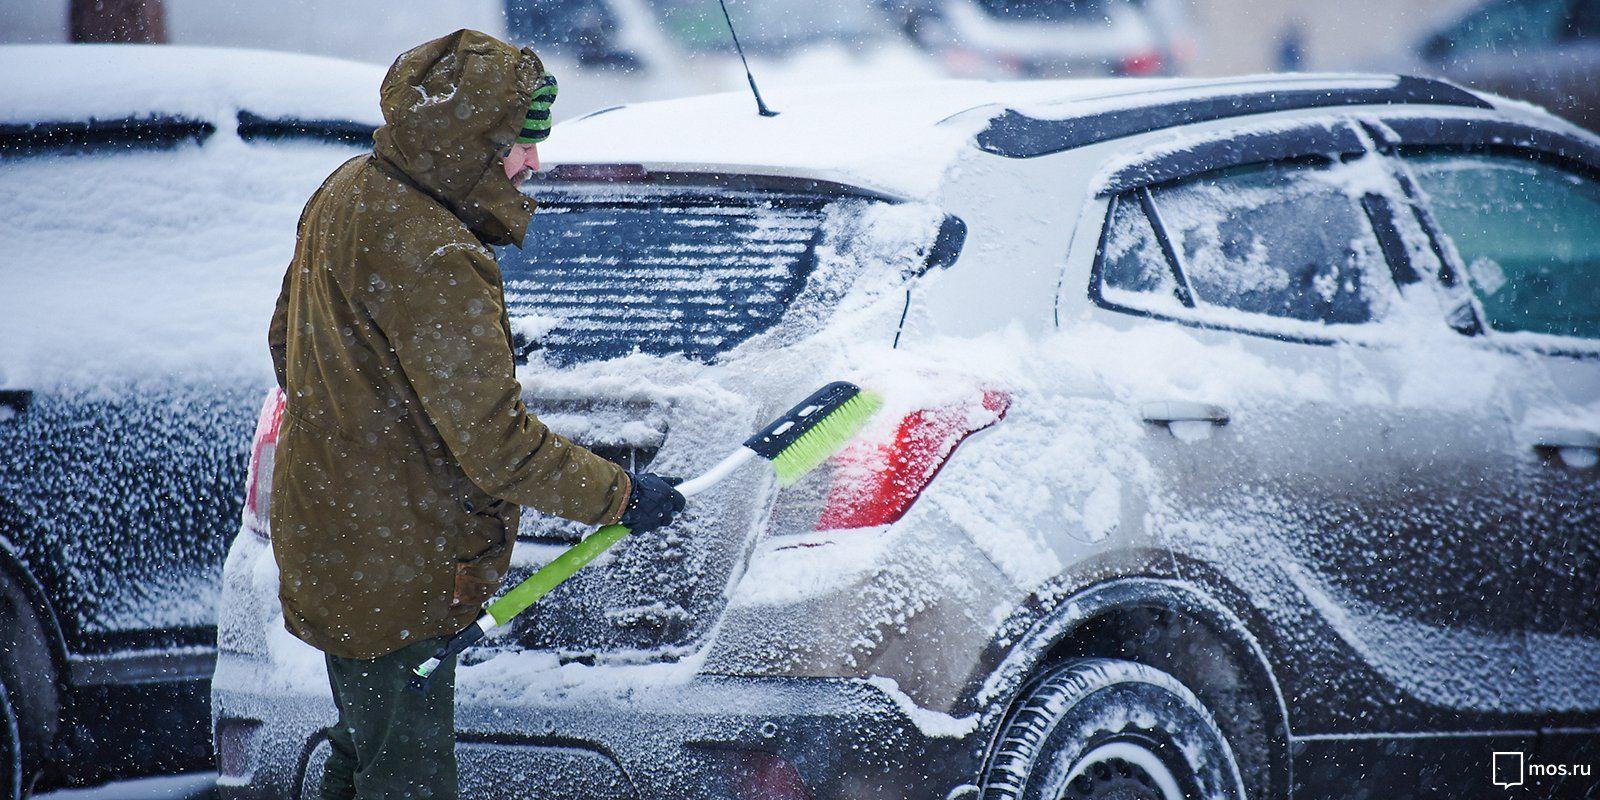 Из-за метели 17 января в Москве введут «желтый» уровень погодной опасности